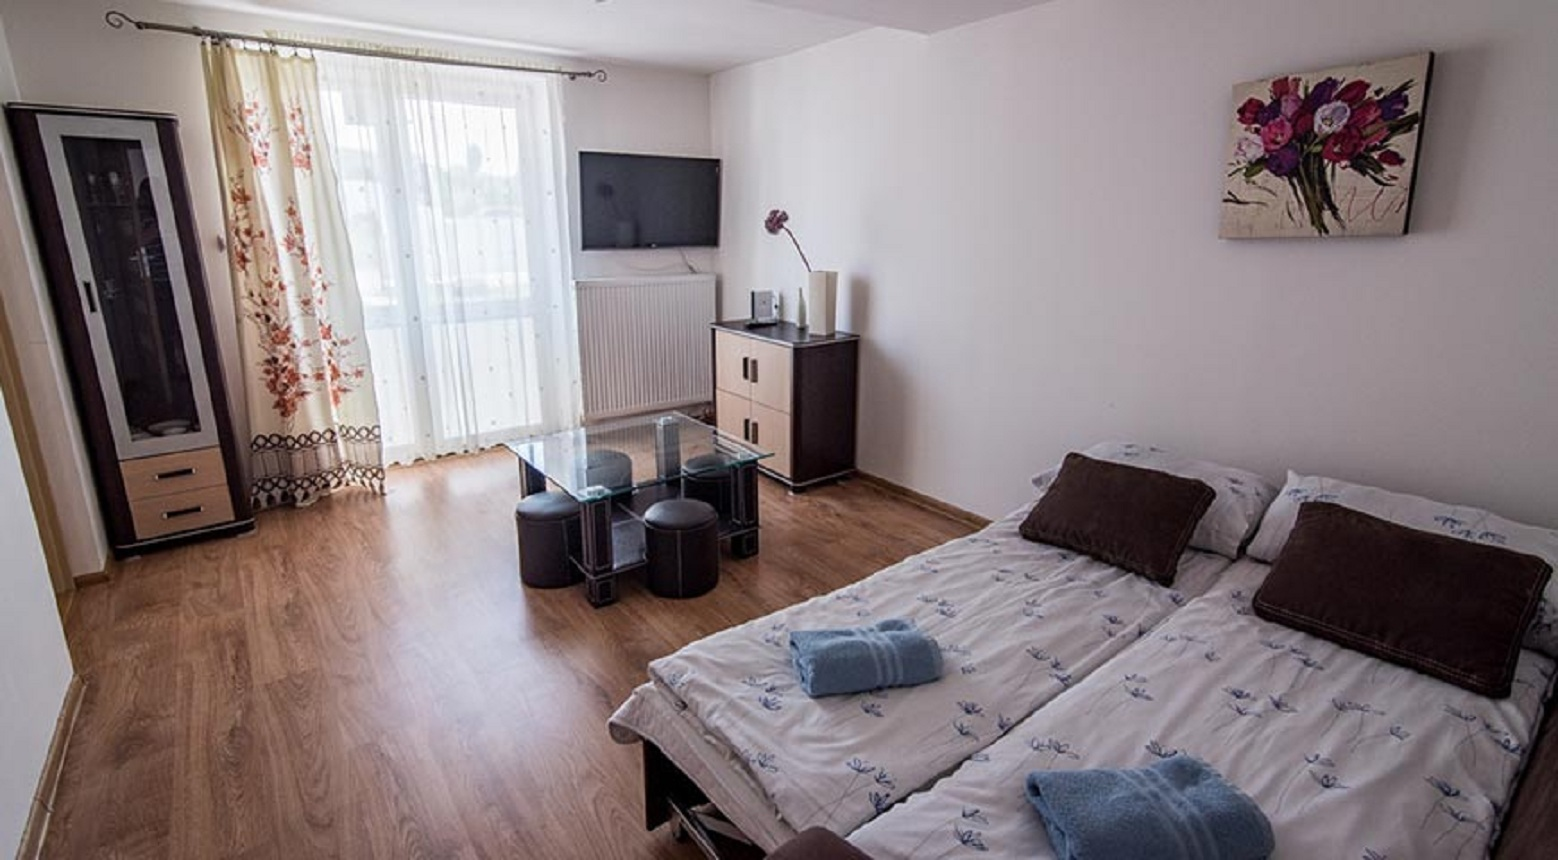 http://m.82-200.pl/2020/06/orig/apartament-deluxe-6151.jpg